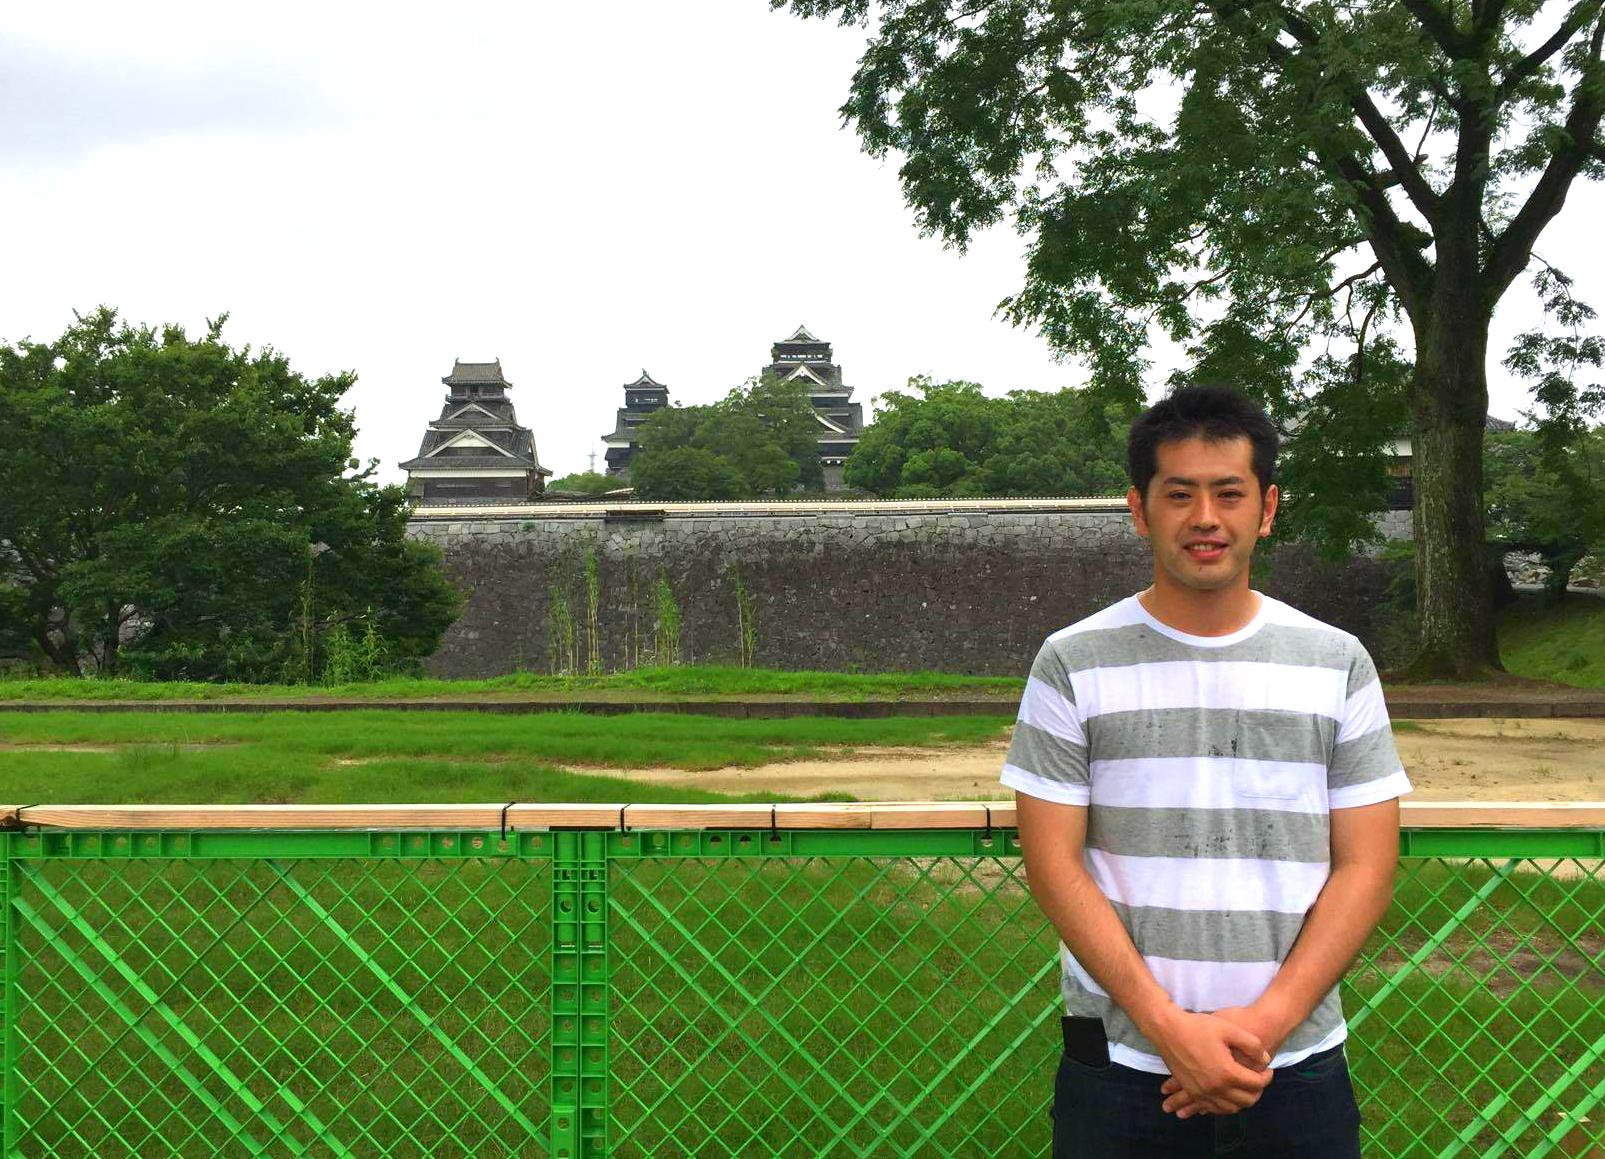 2回目の熊本い草研修⑦「半年ぶりの熊本城 そして益城町へ」